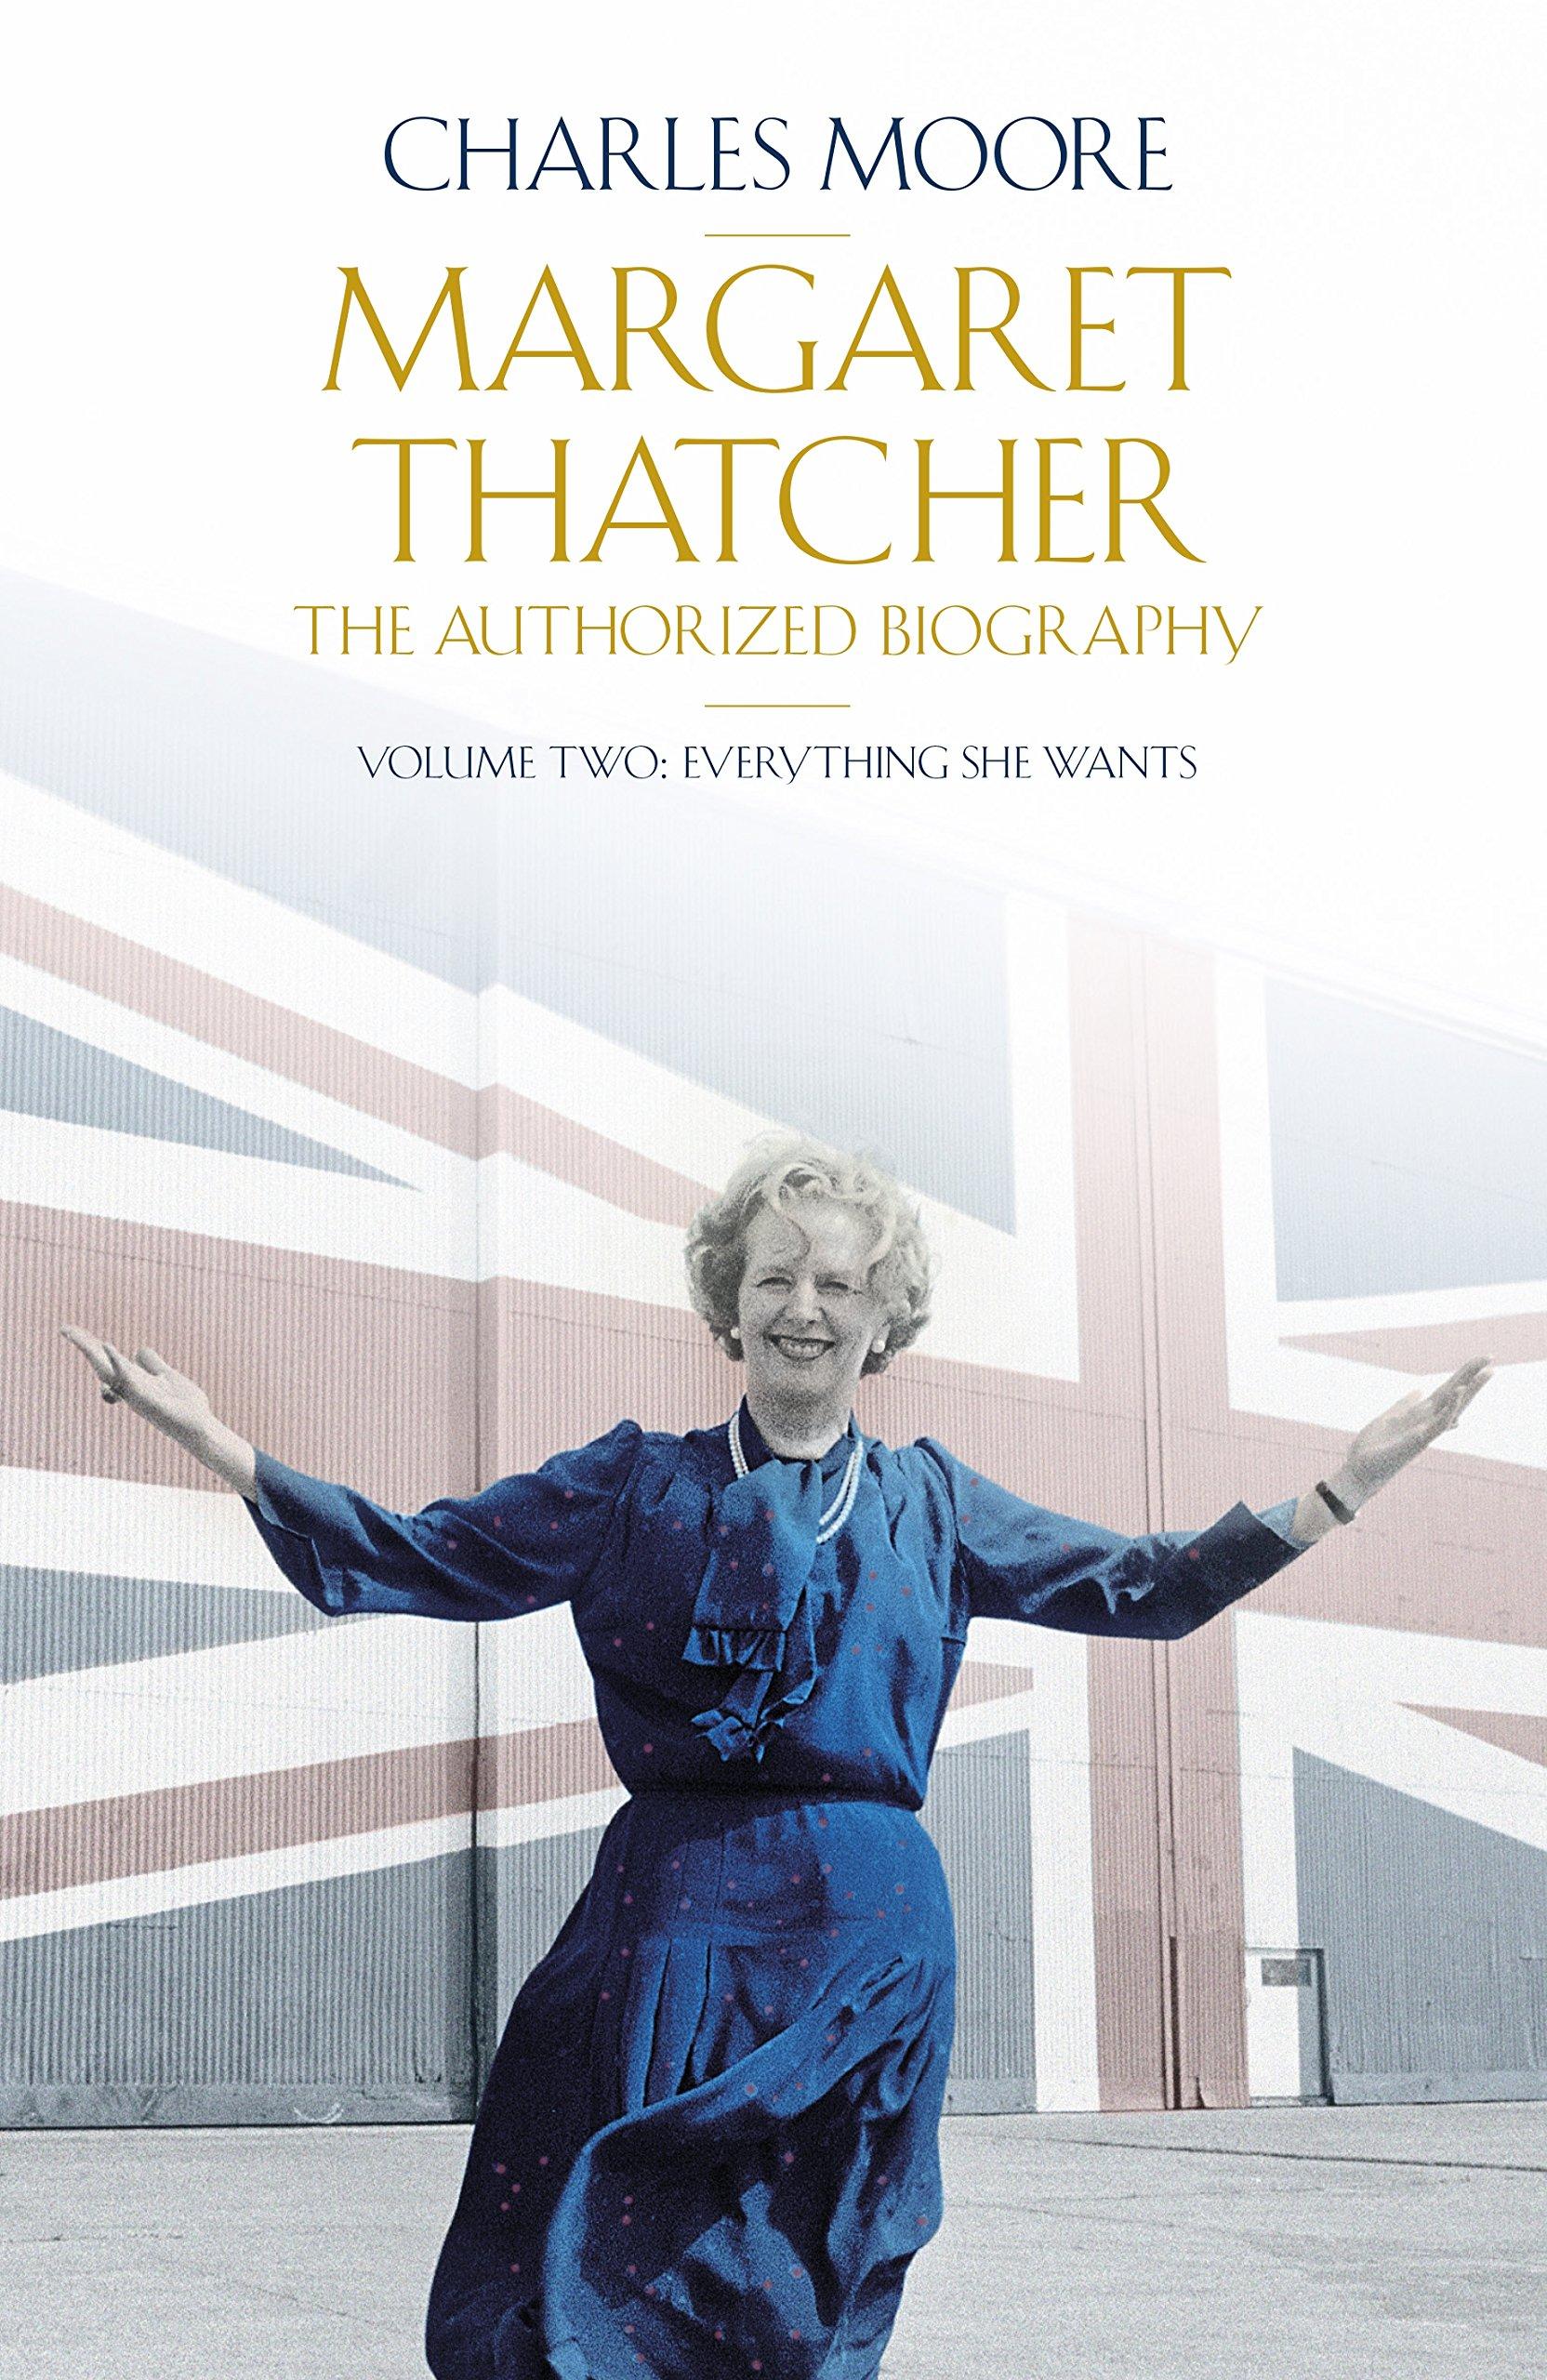 Biography of Margaret Thatcher. Politics Margaret Thatcher 93